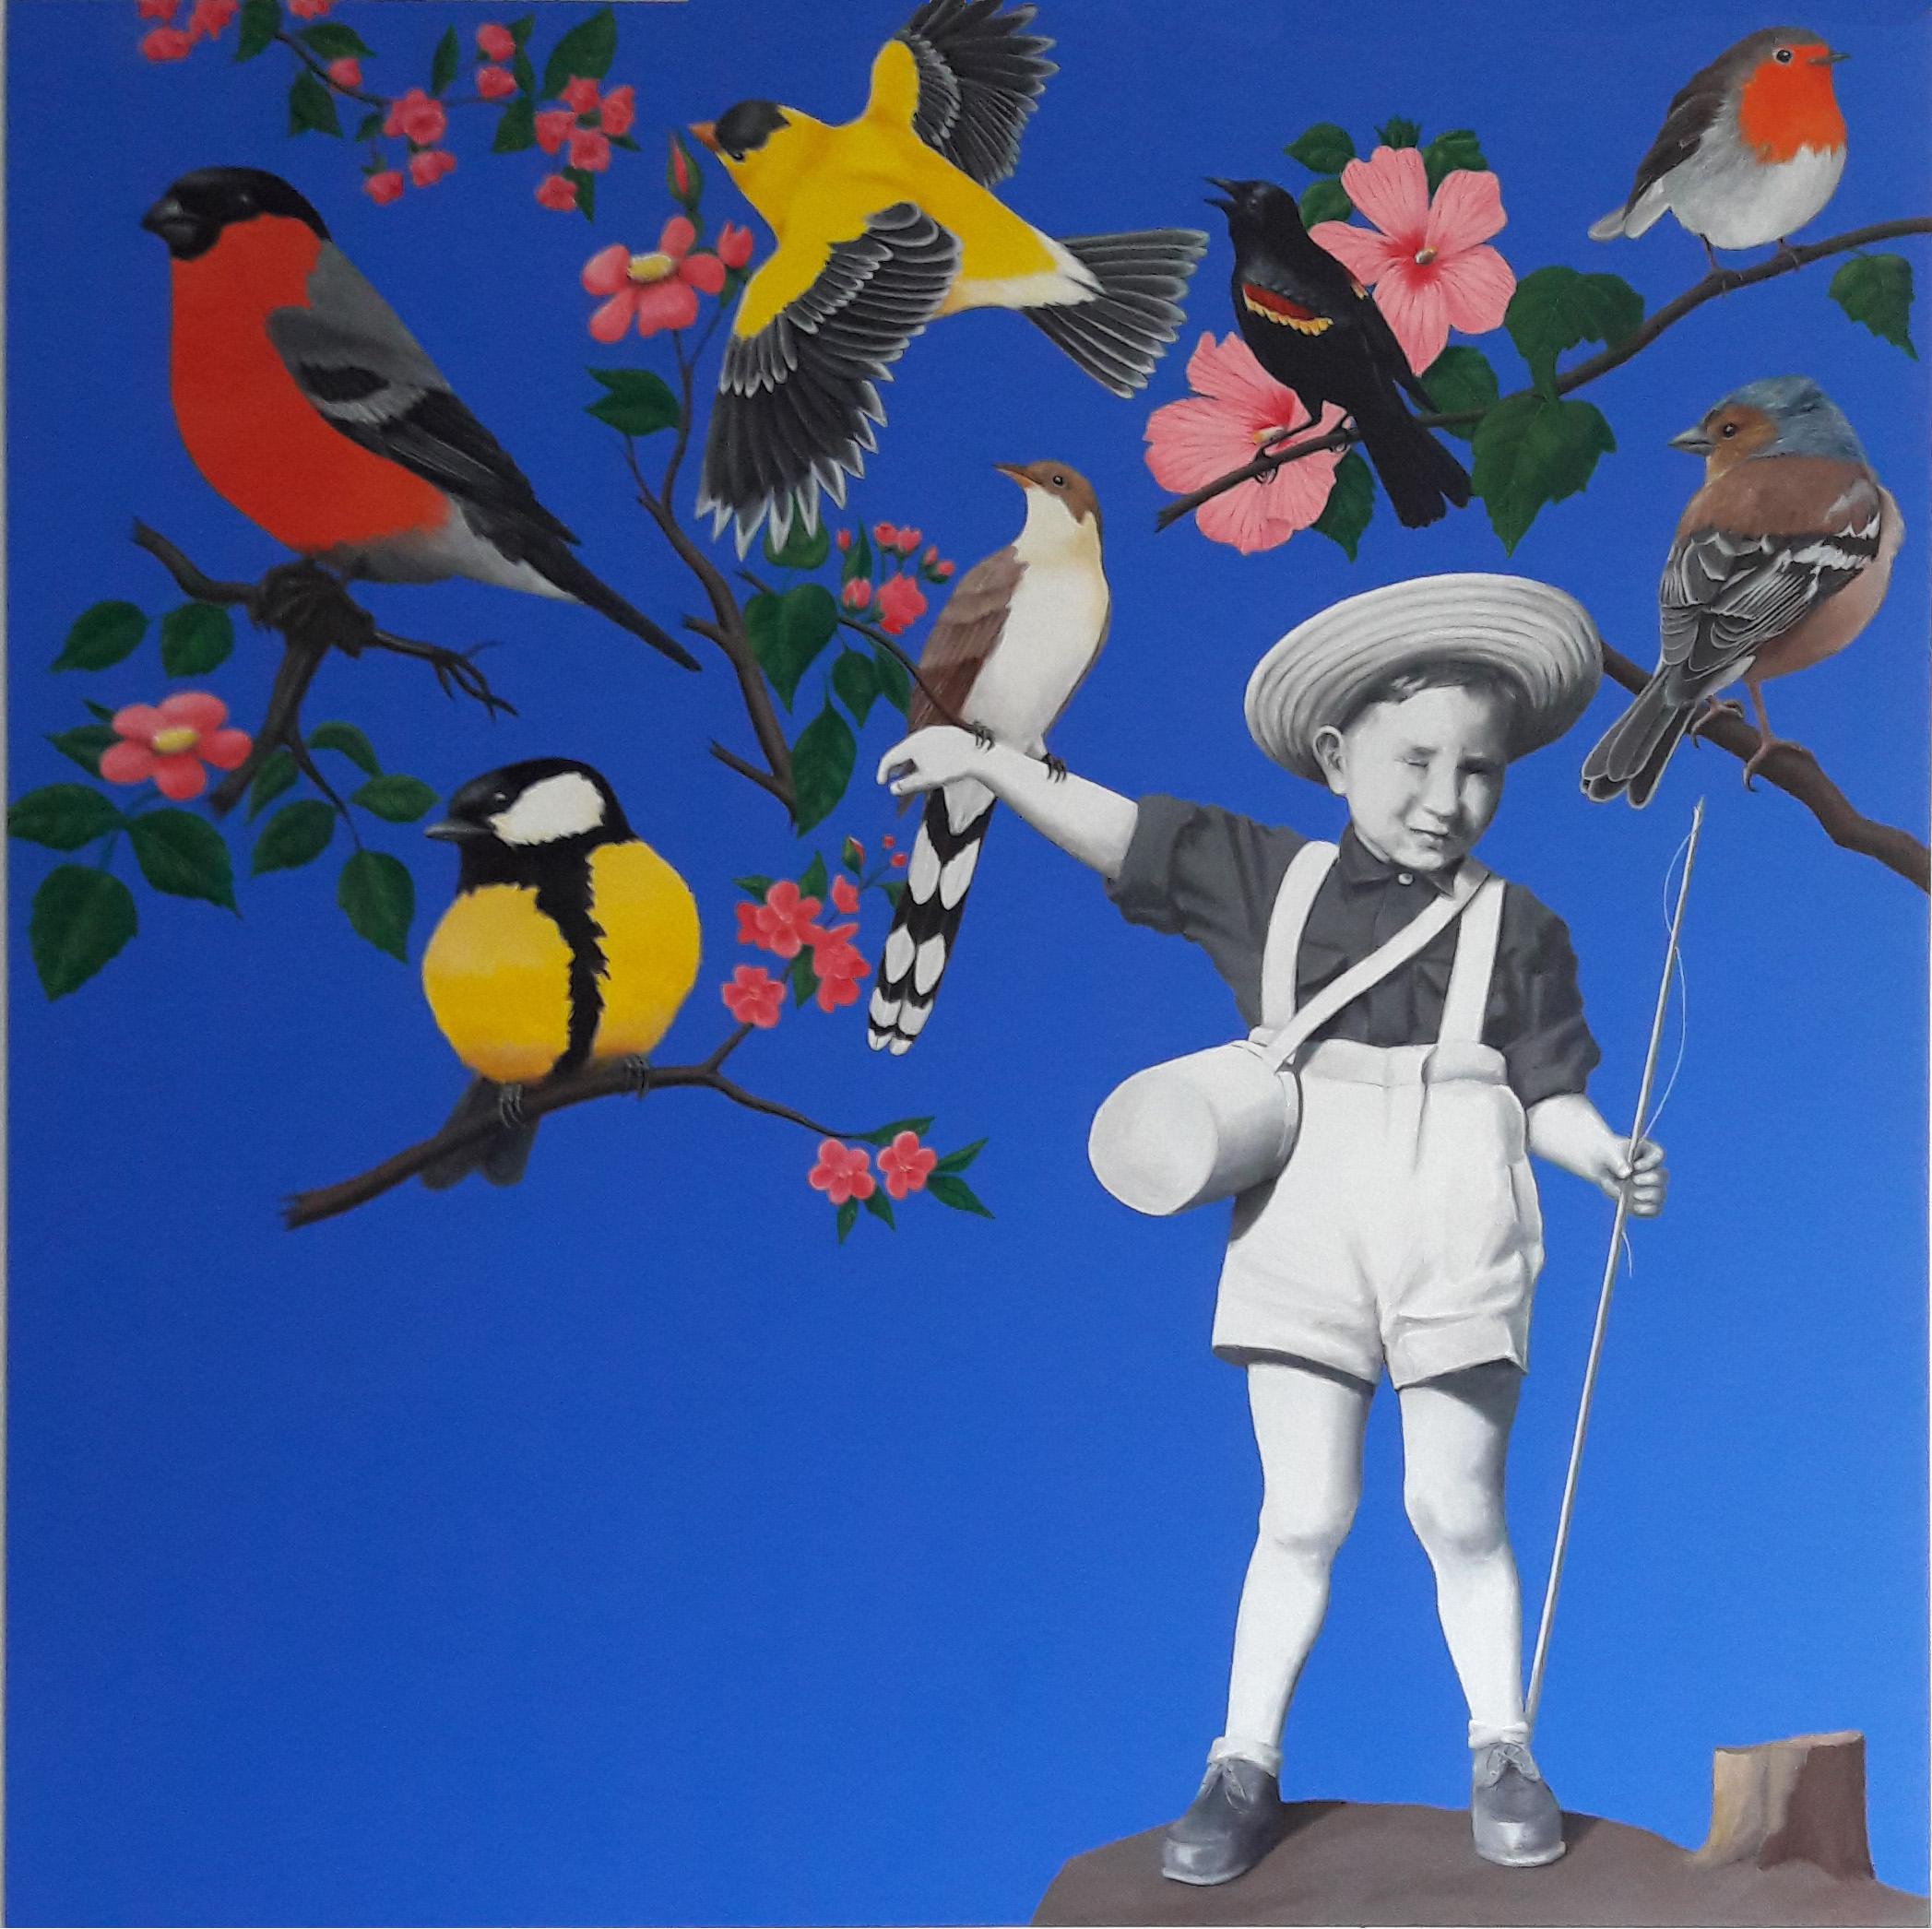 Le-pêcheur-doiseaux-acrylique-sur-toile-120x120-juillet-2015